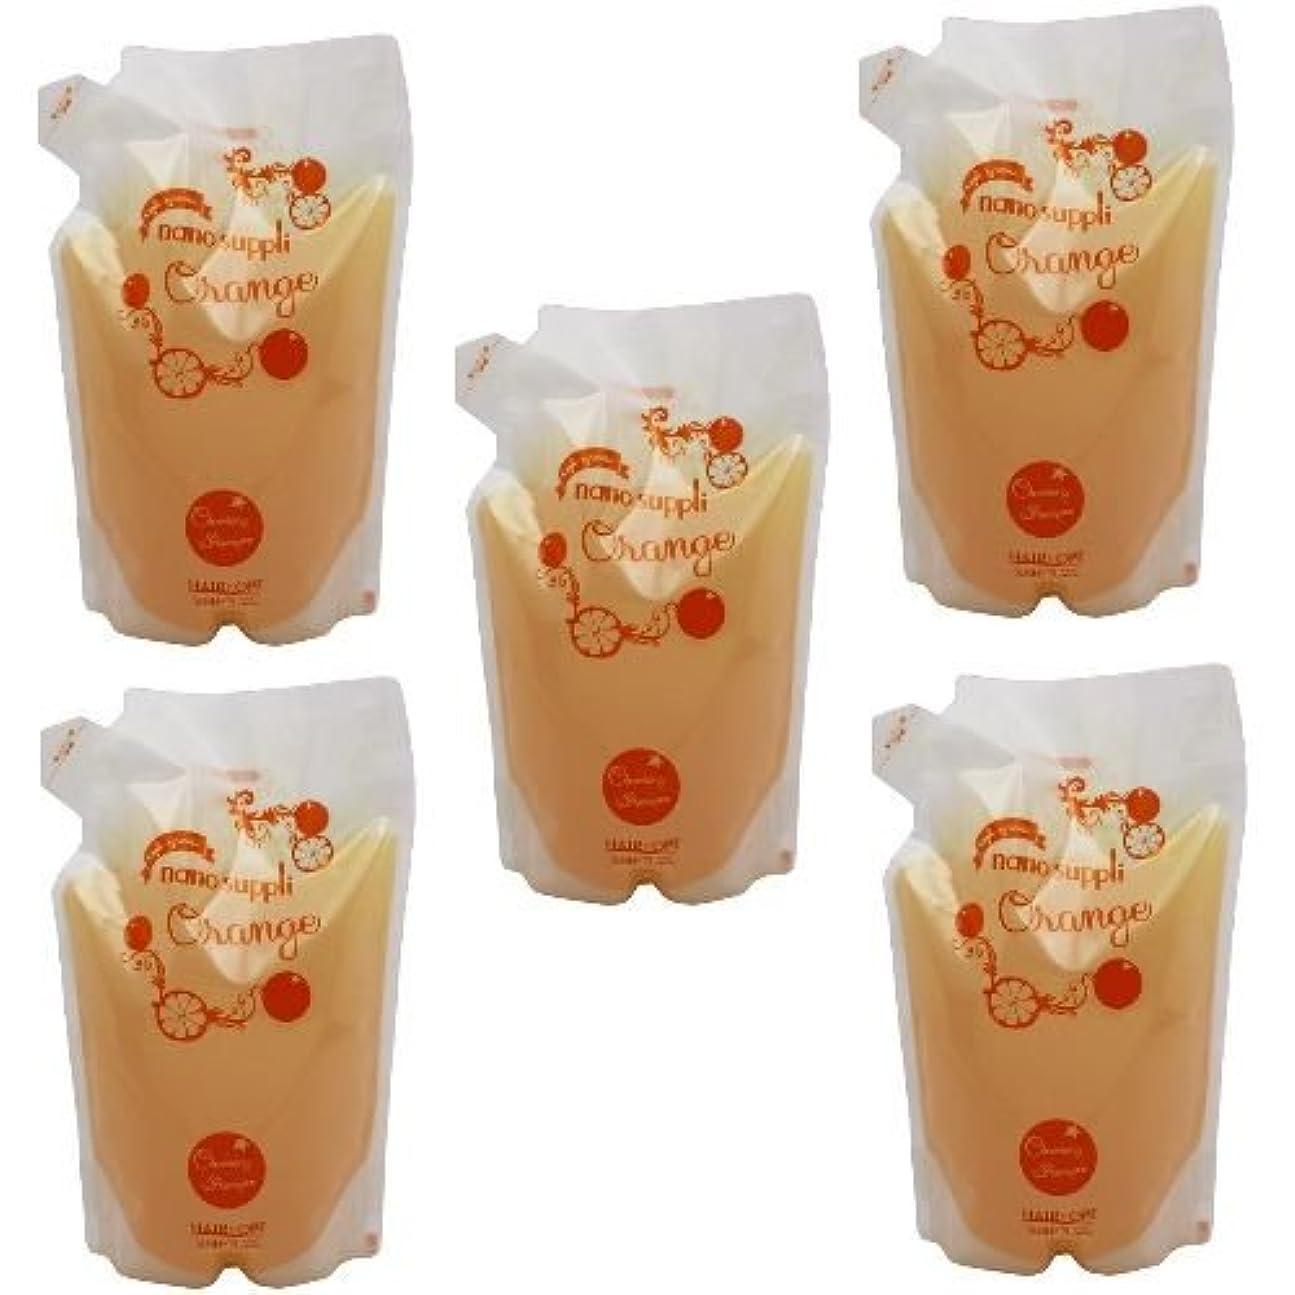 悲惨な周囲味【x5個セット】 サニープレイス ナノサプリ ヘアクレンジングシャンプー オレンジ 800ml (詰替用)